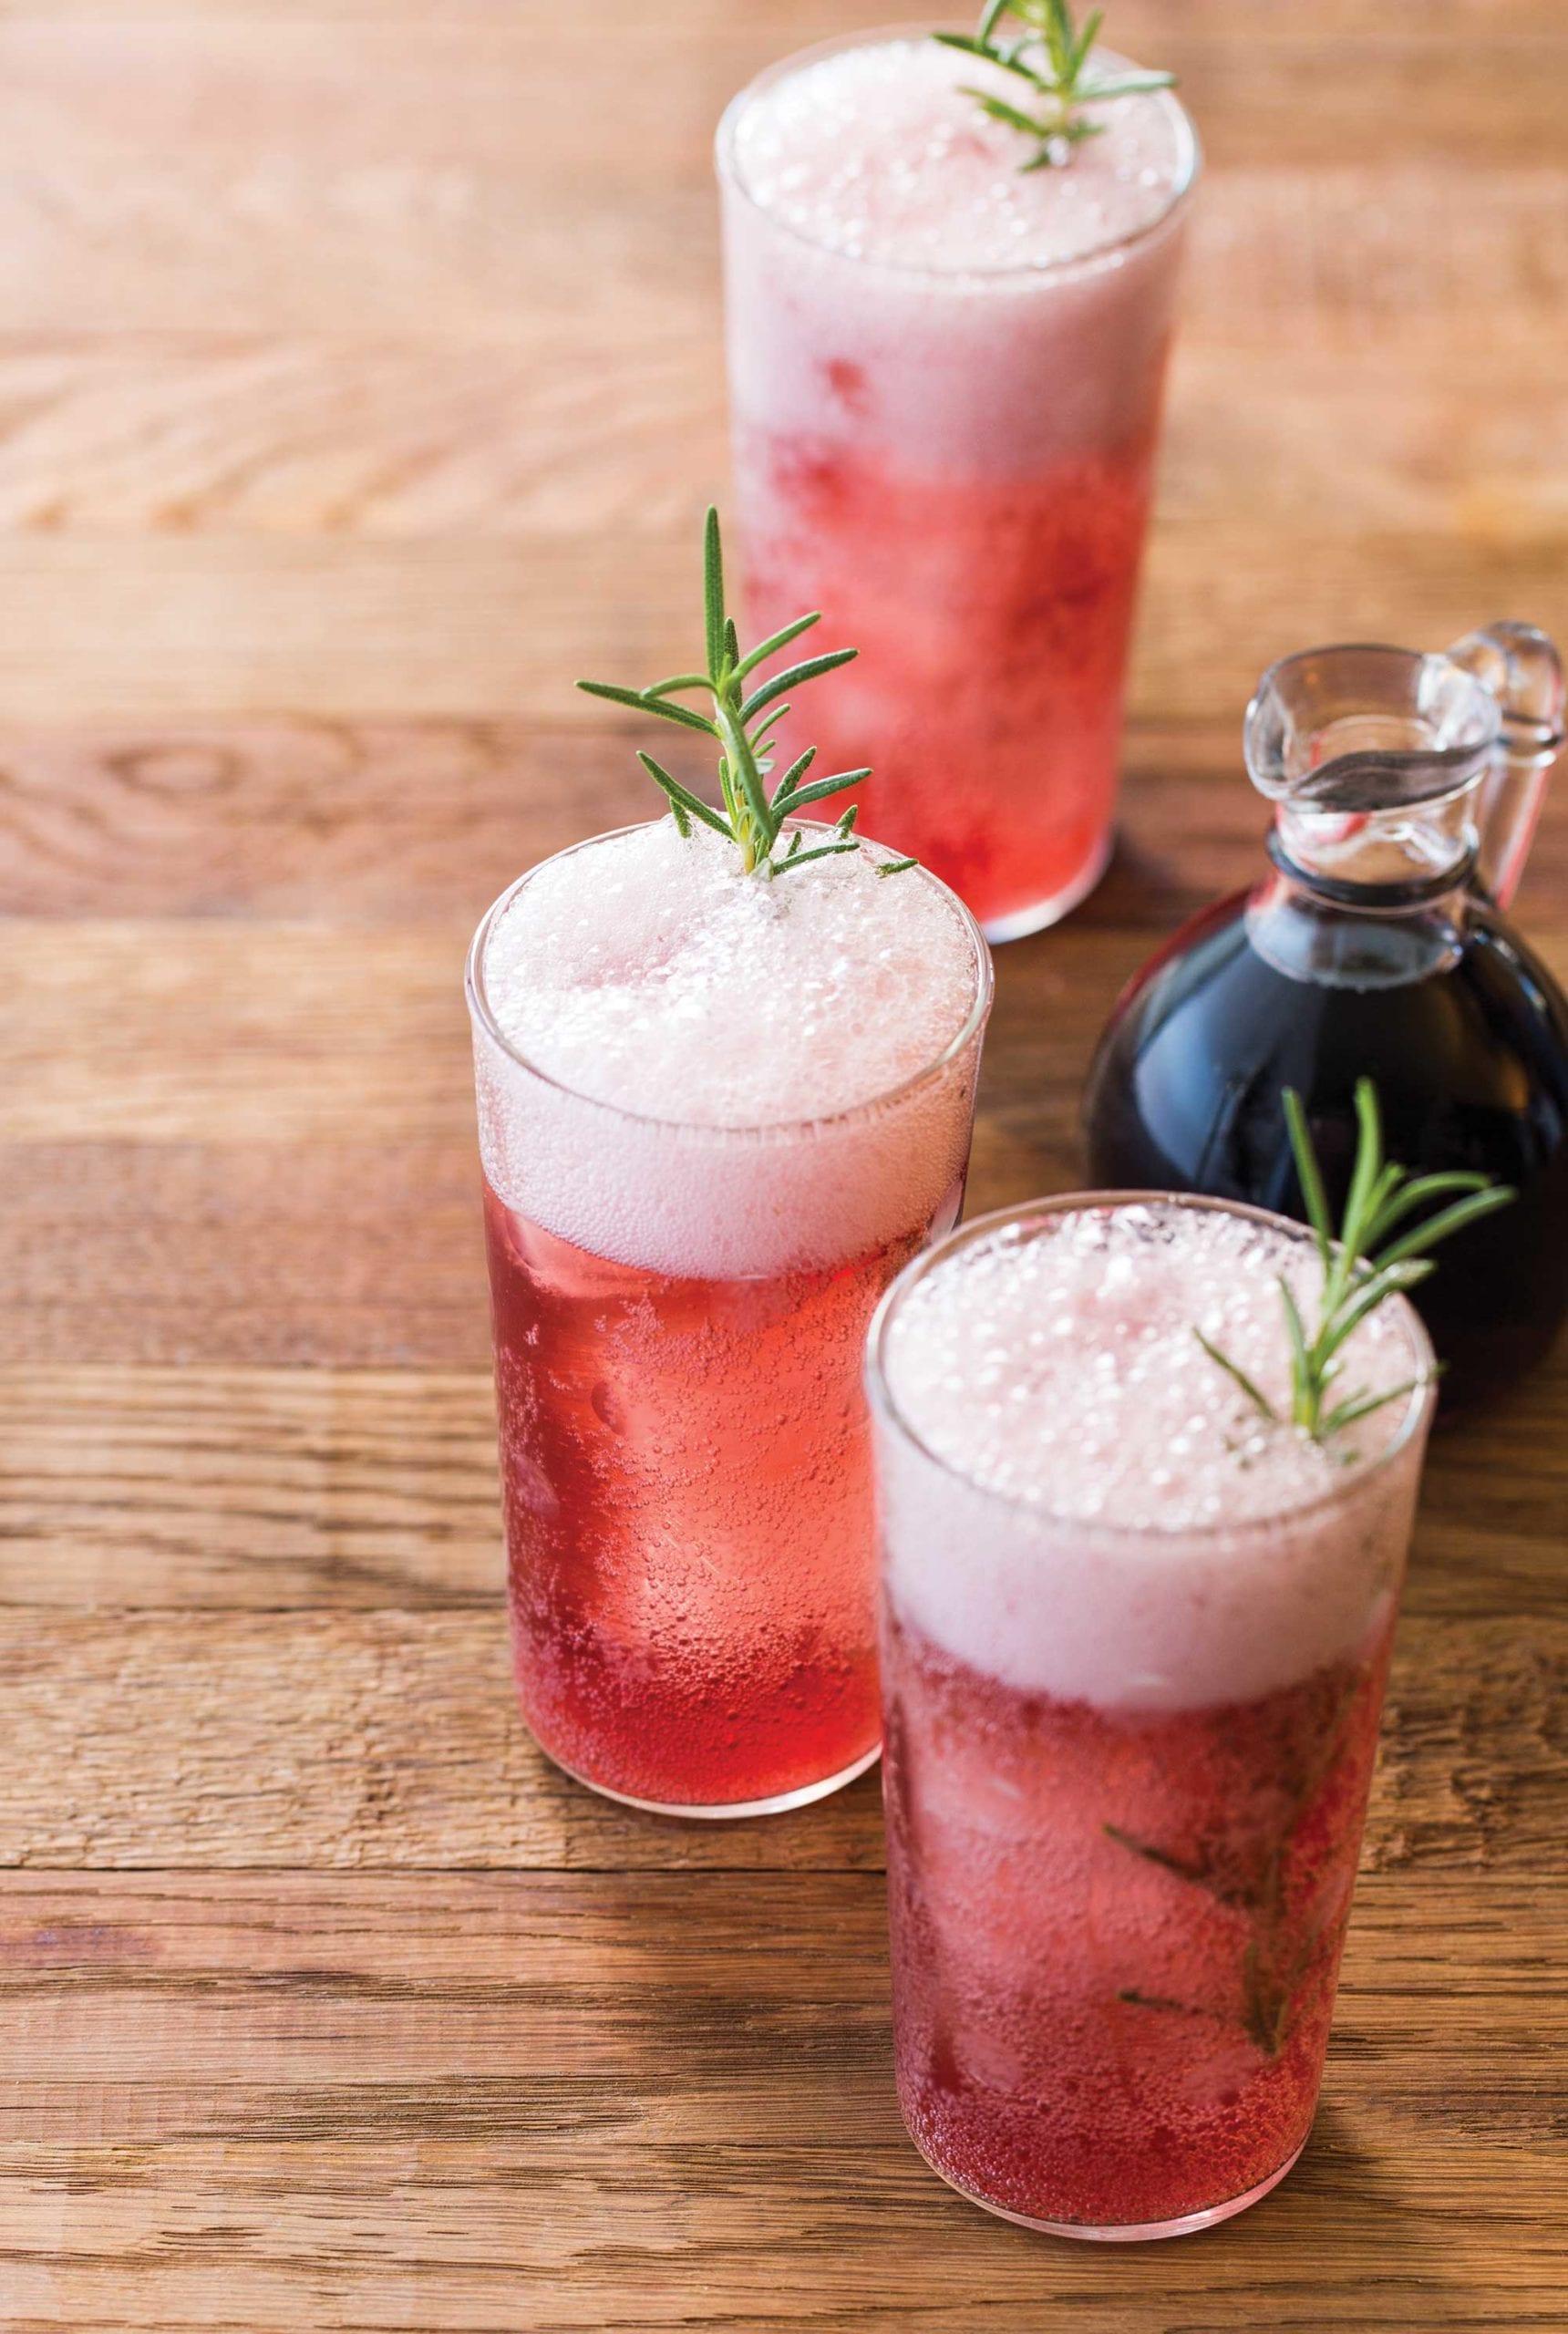 Concord Grape and Rosemary Soda